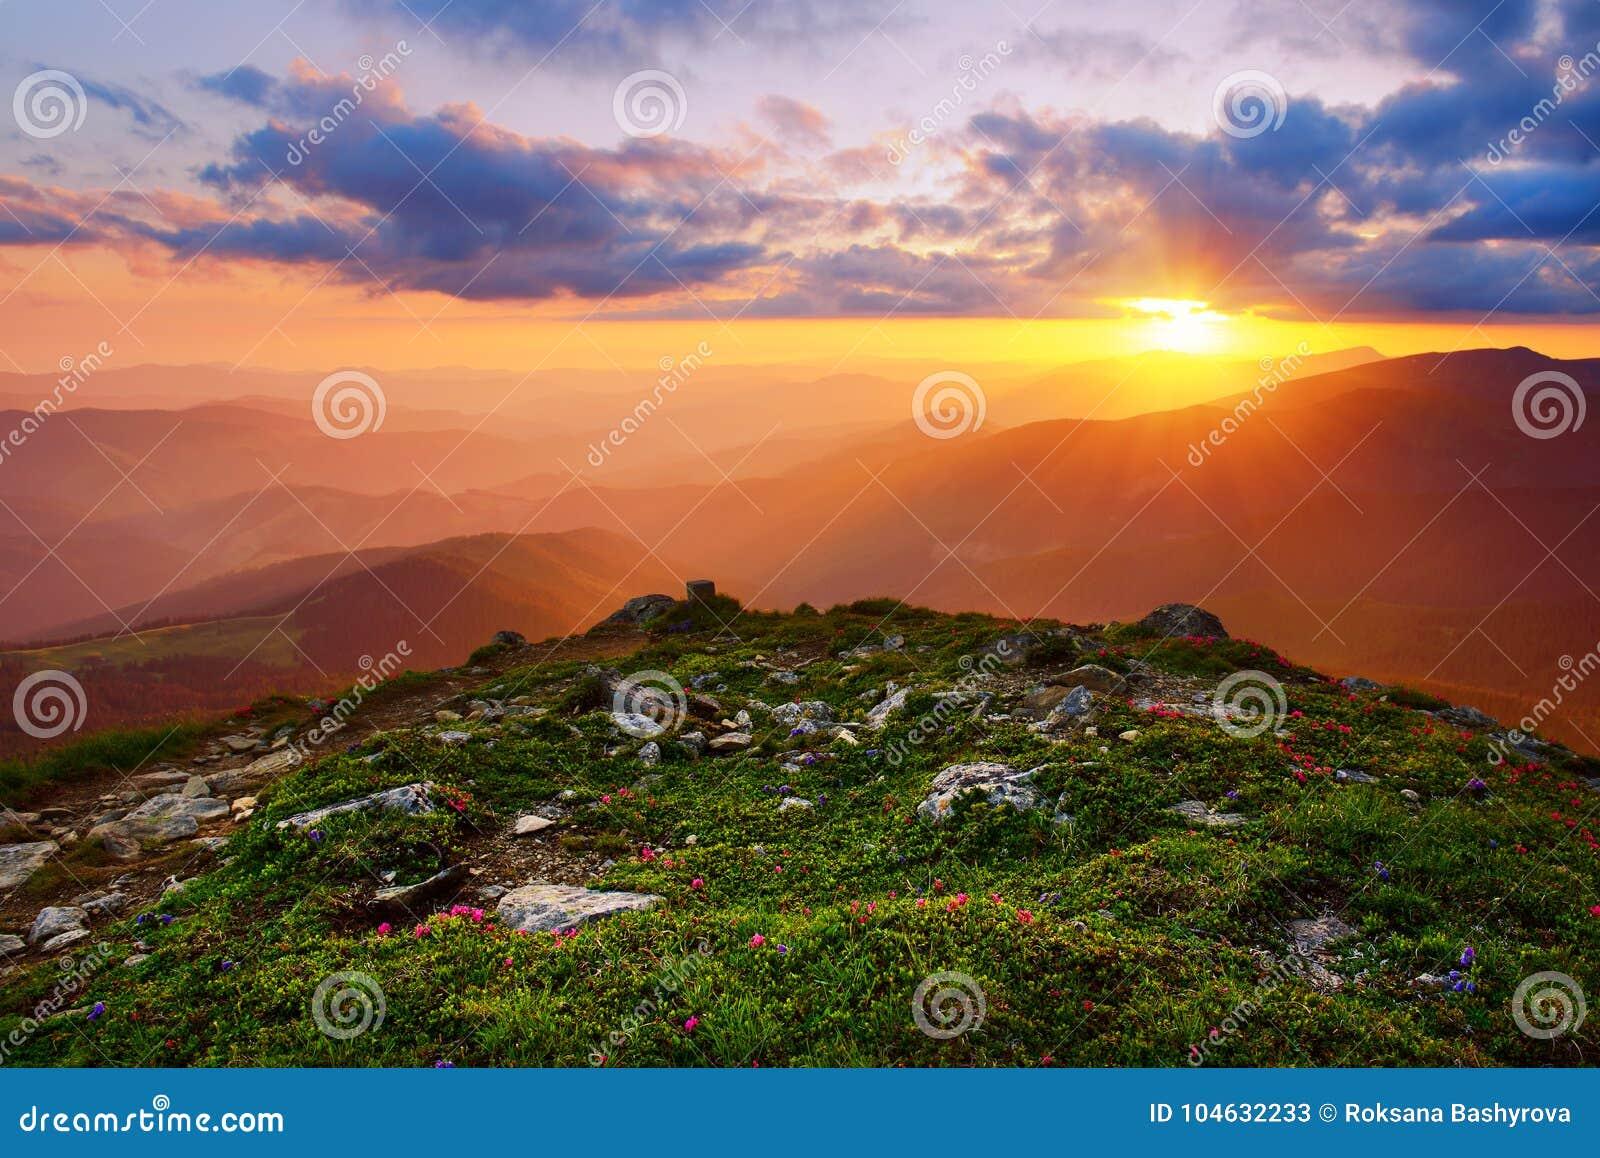 Download Het Verbazende Landschap Van De Berg Stock Afbeelding - Afbeelding bestaande uit avontuur, heuvel: 104632233